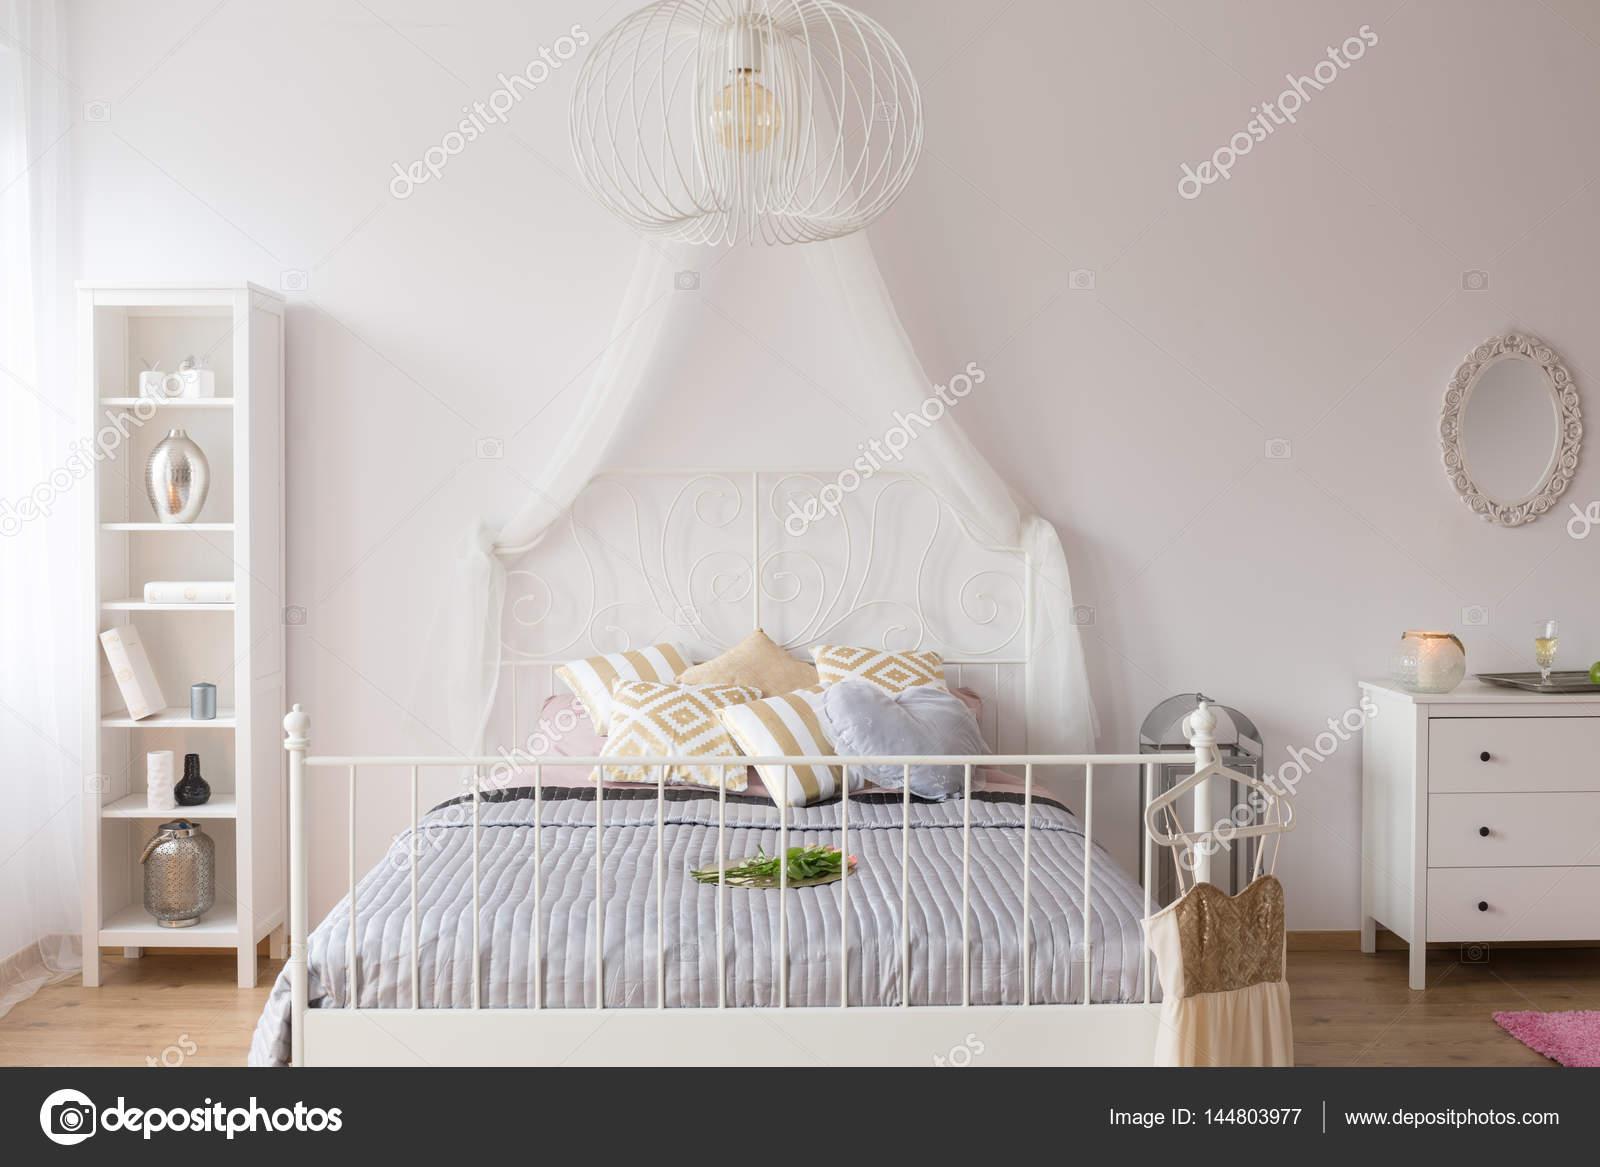 Hemelbed In Slaapkamer : ≥ hemelbed persoons wit inclusief bodem en gordijnen